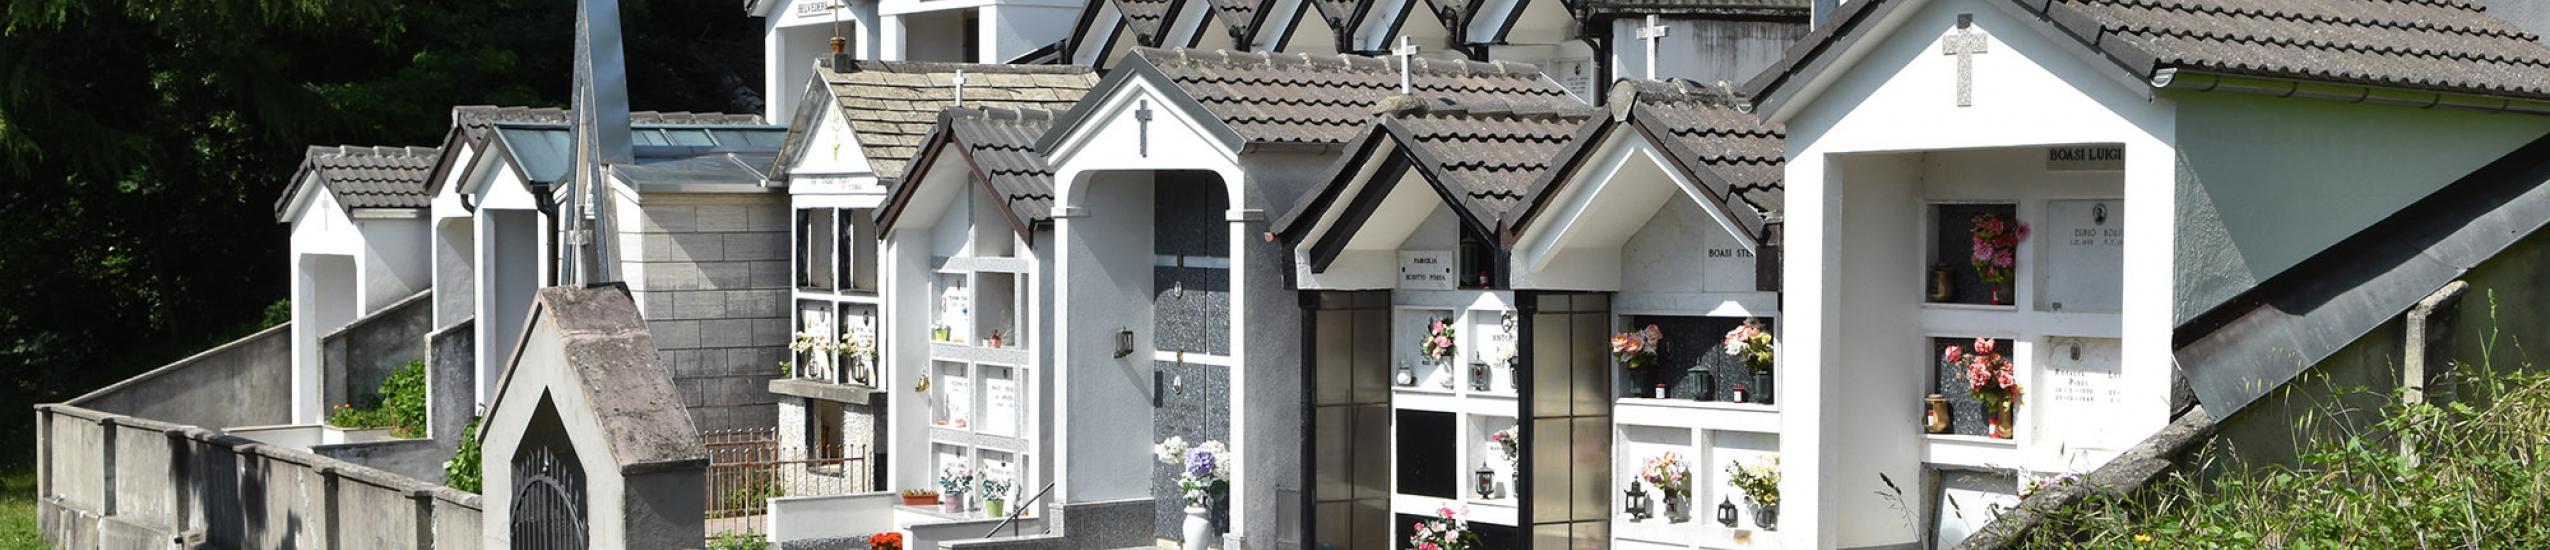 Il piccolo cimitero in Frazione Boasi